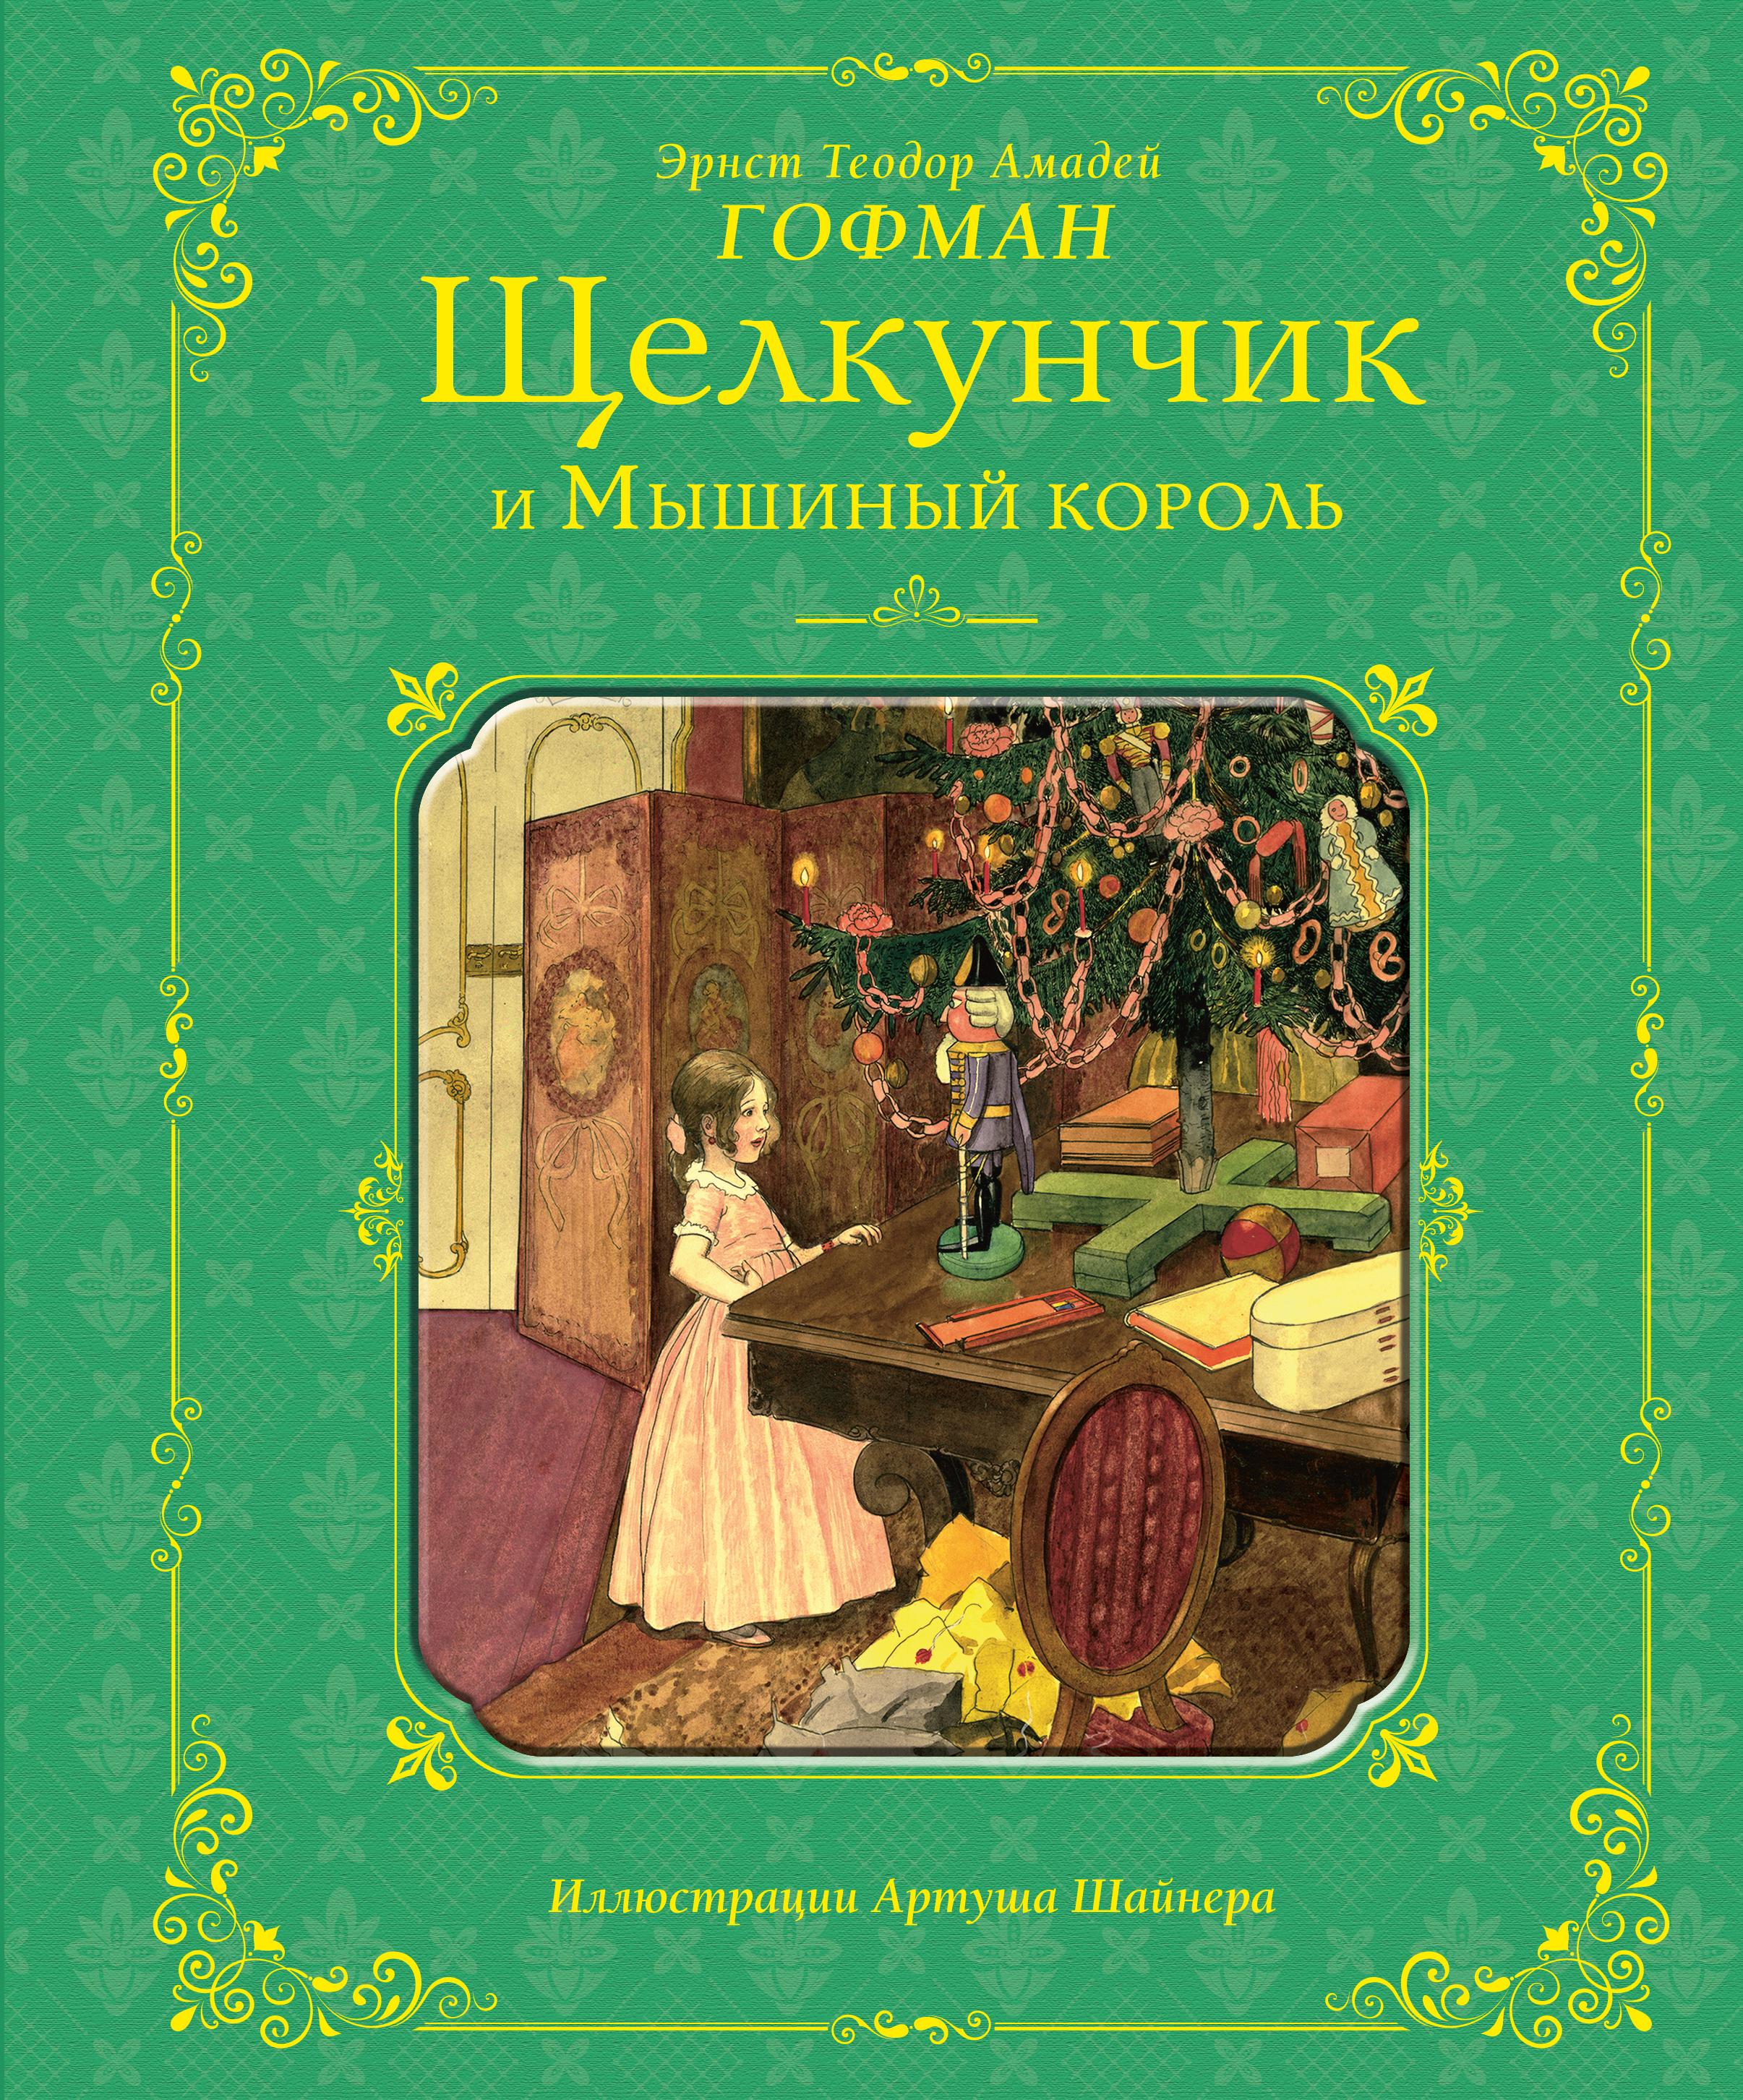 Гофман Э.Т.А. Щелкунчик и Мышиный король (ил. А. Шайнера)